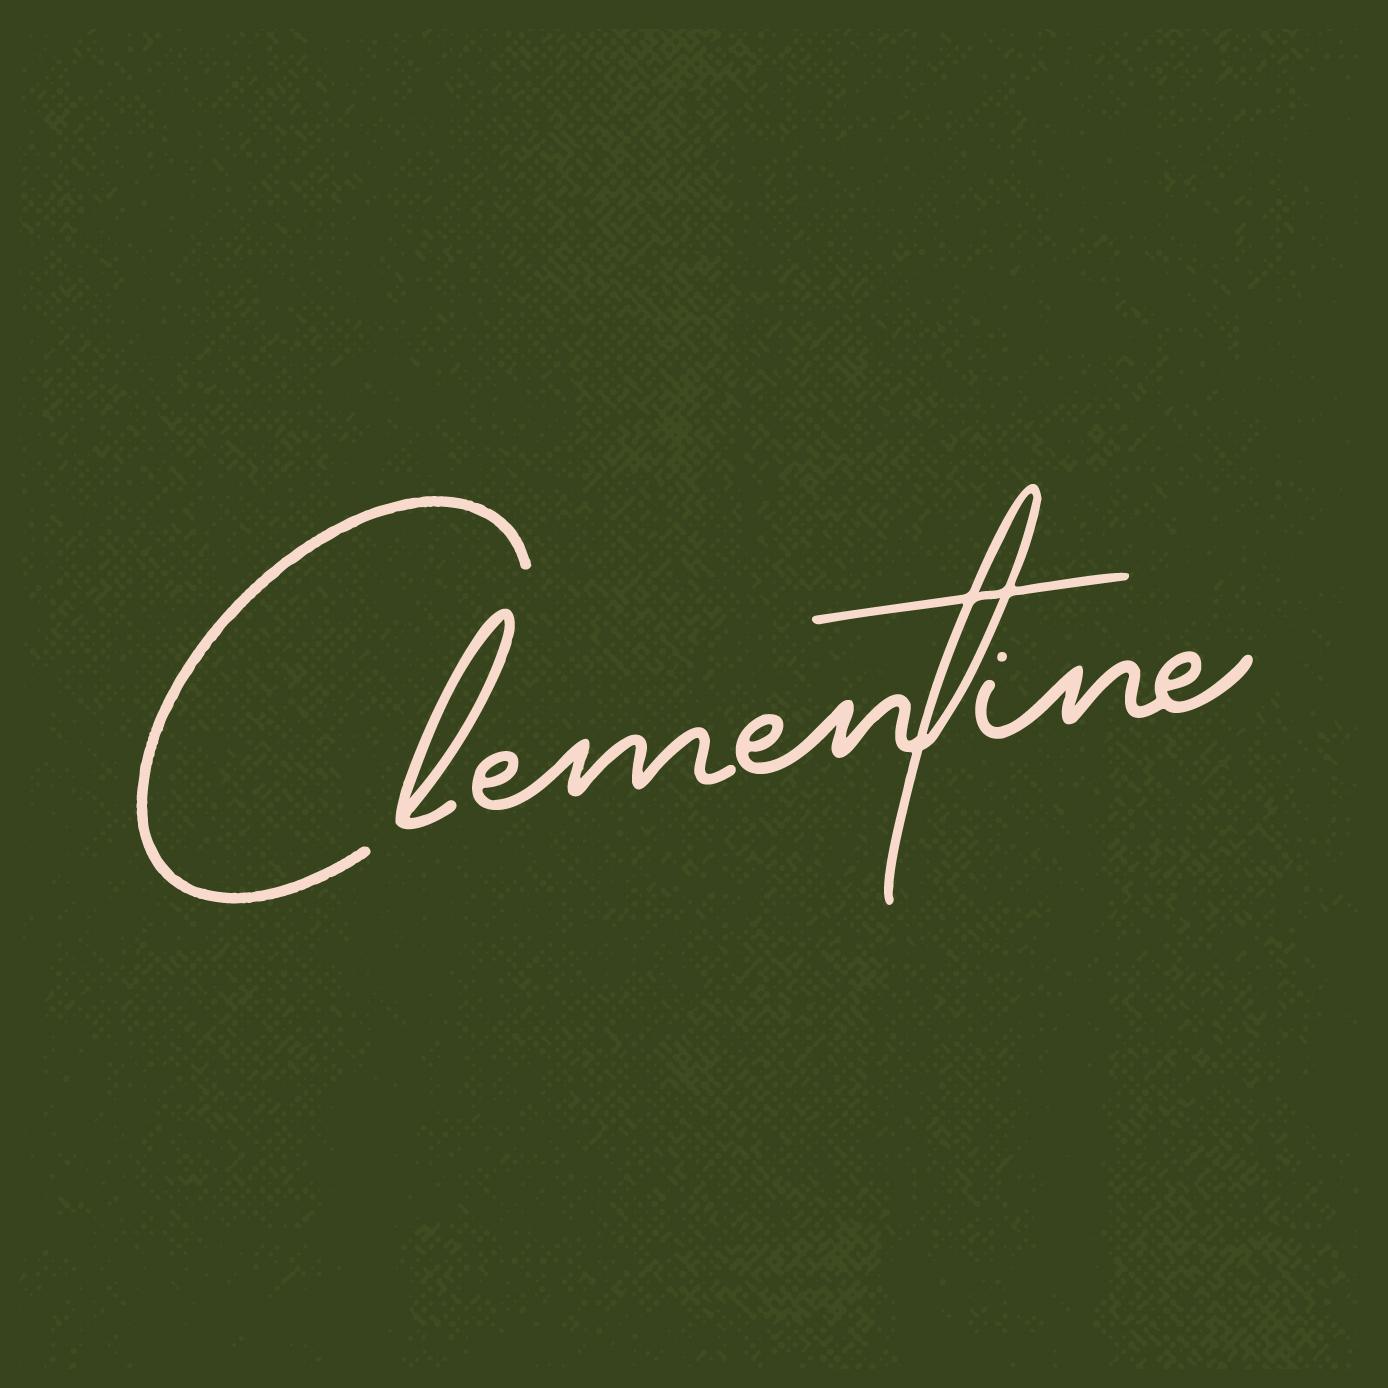 Clementine Script Logo on Green textured background